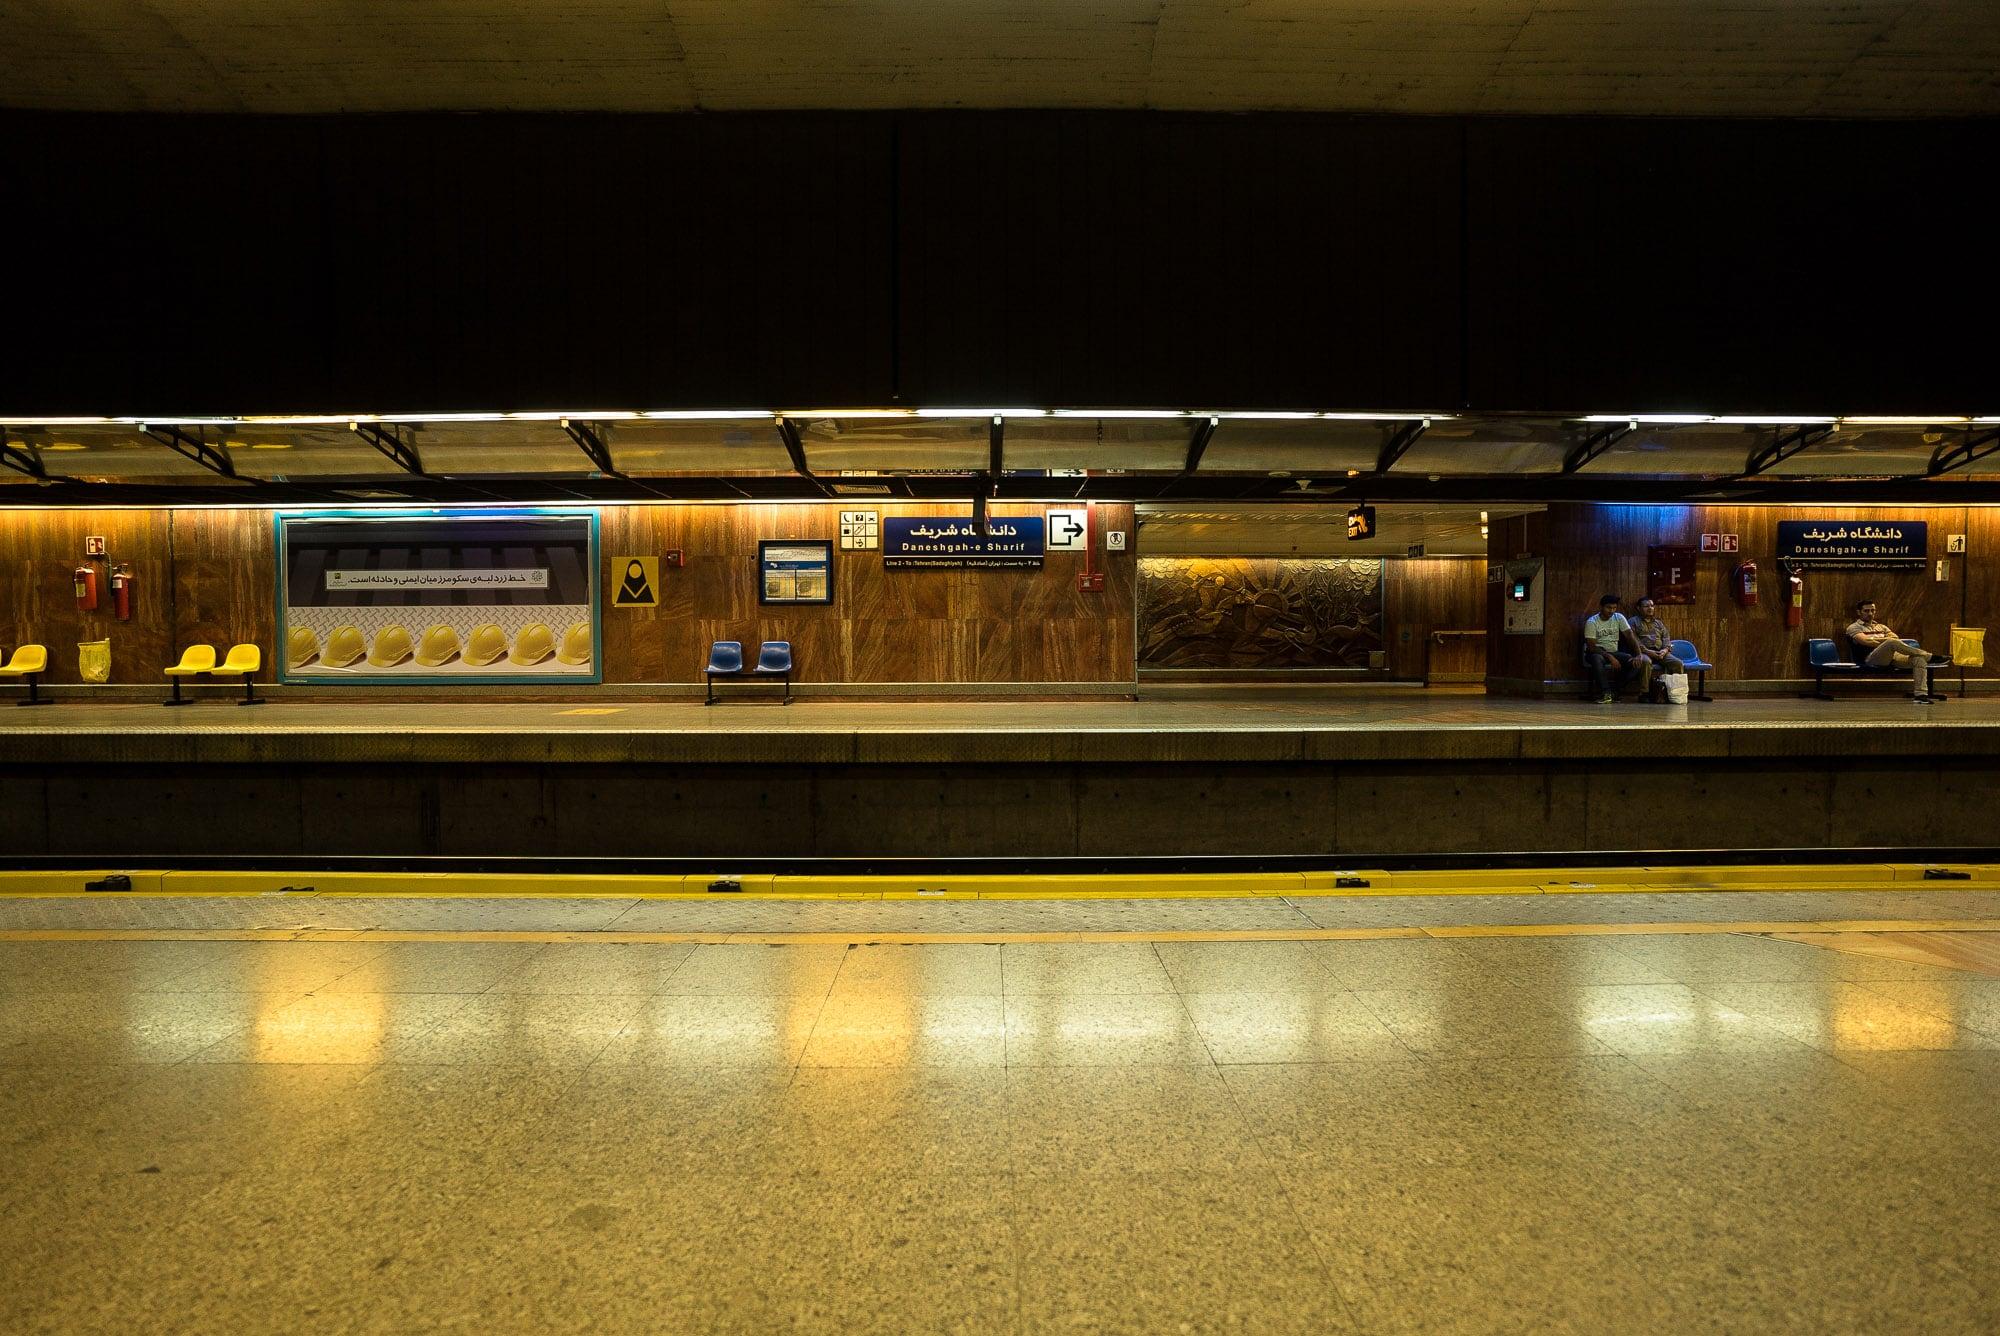 Tehran metro platform